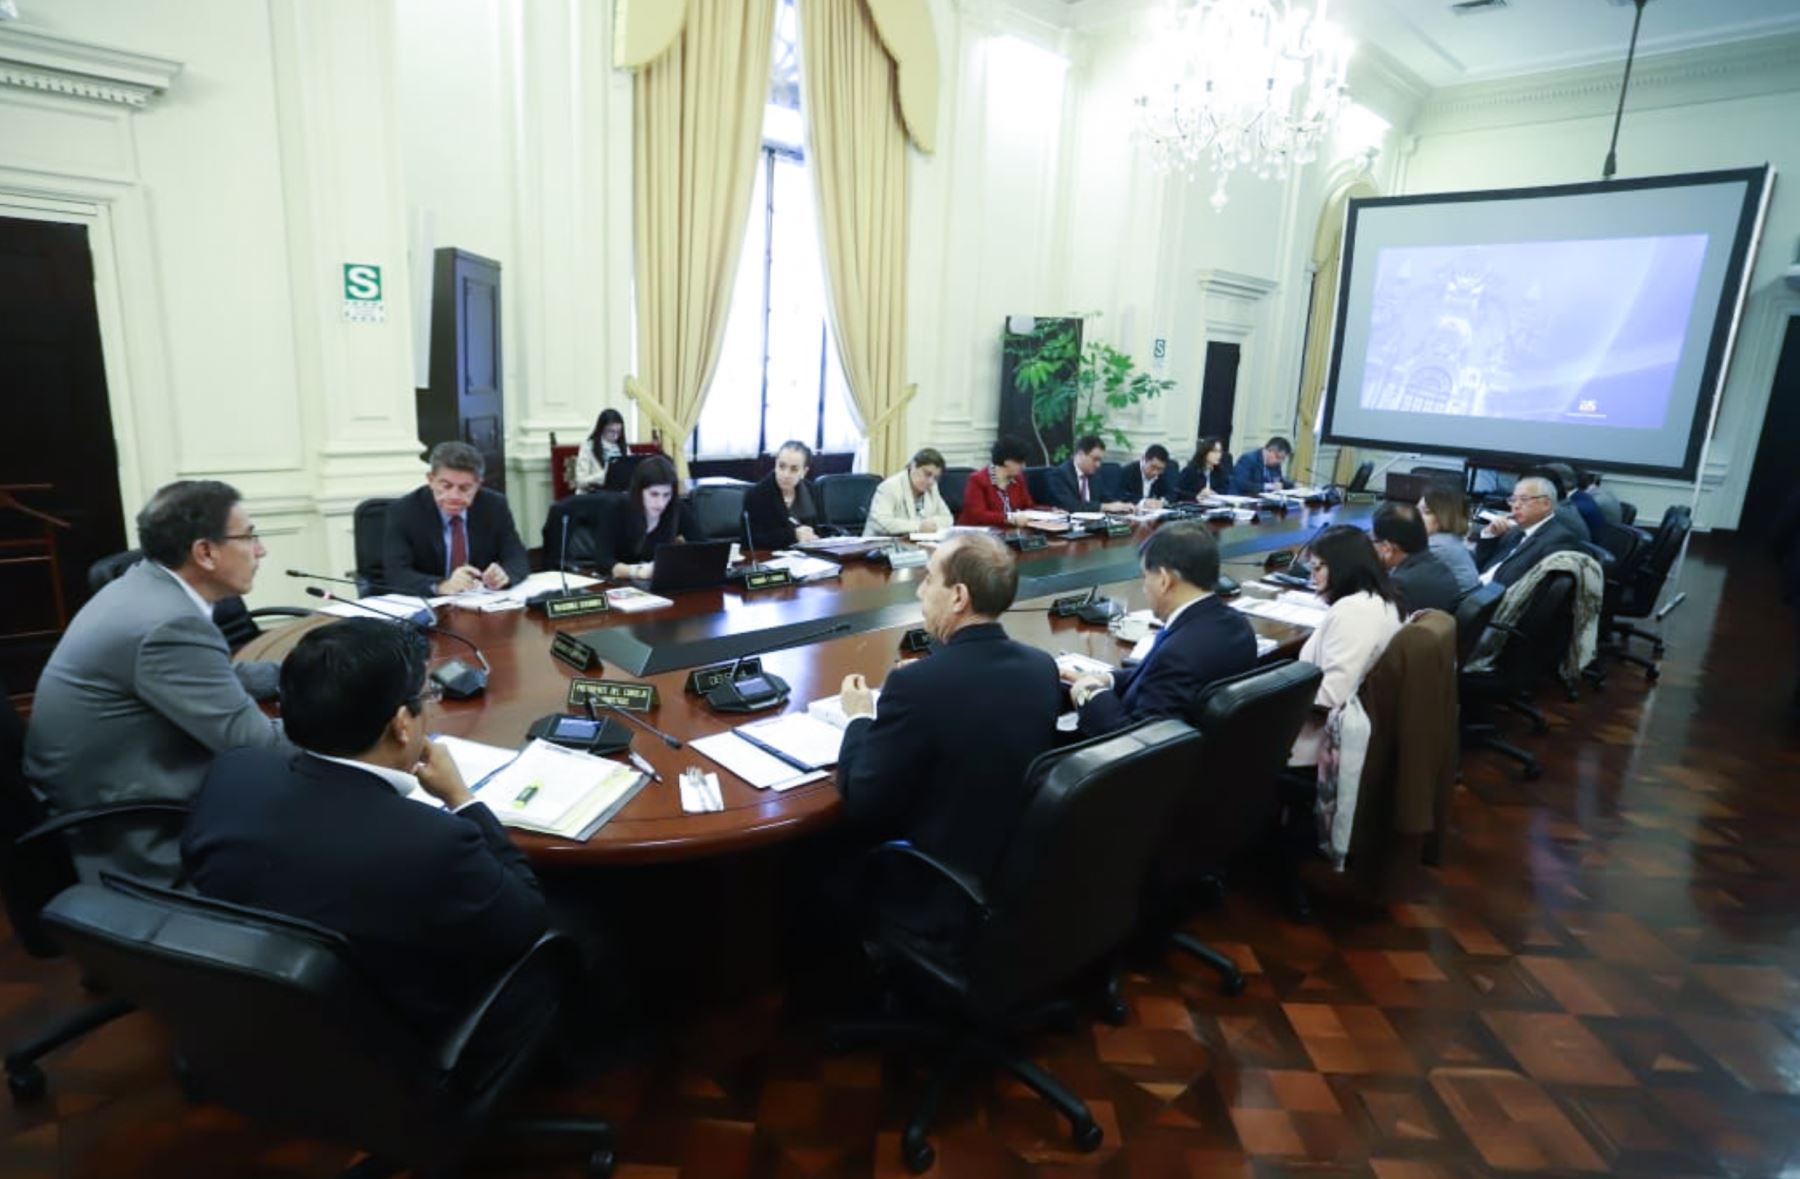 Consejo de Ministros aprobó el Decreto de Urgencia que establece medidas para las elecciones parlamentarias del 2020